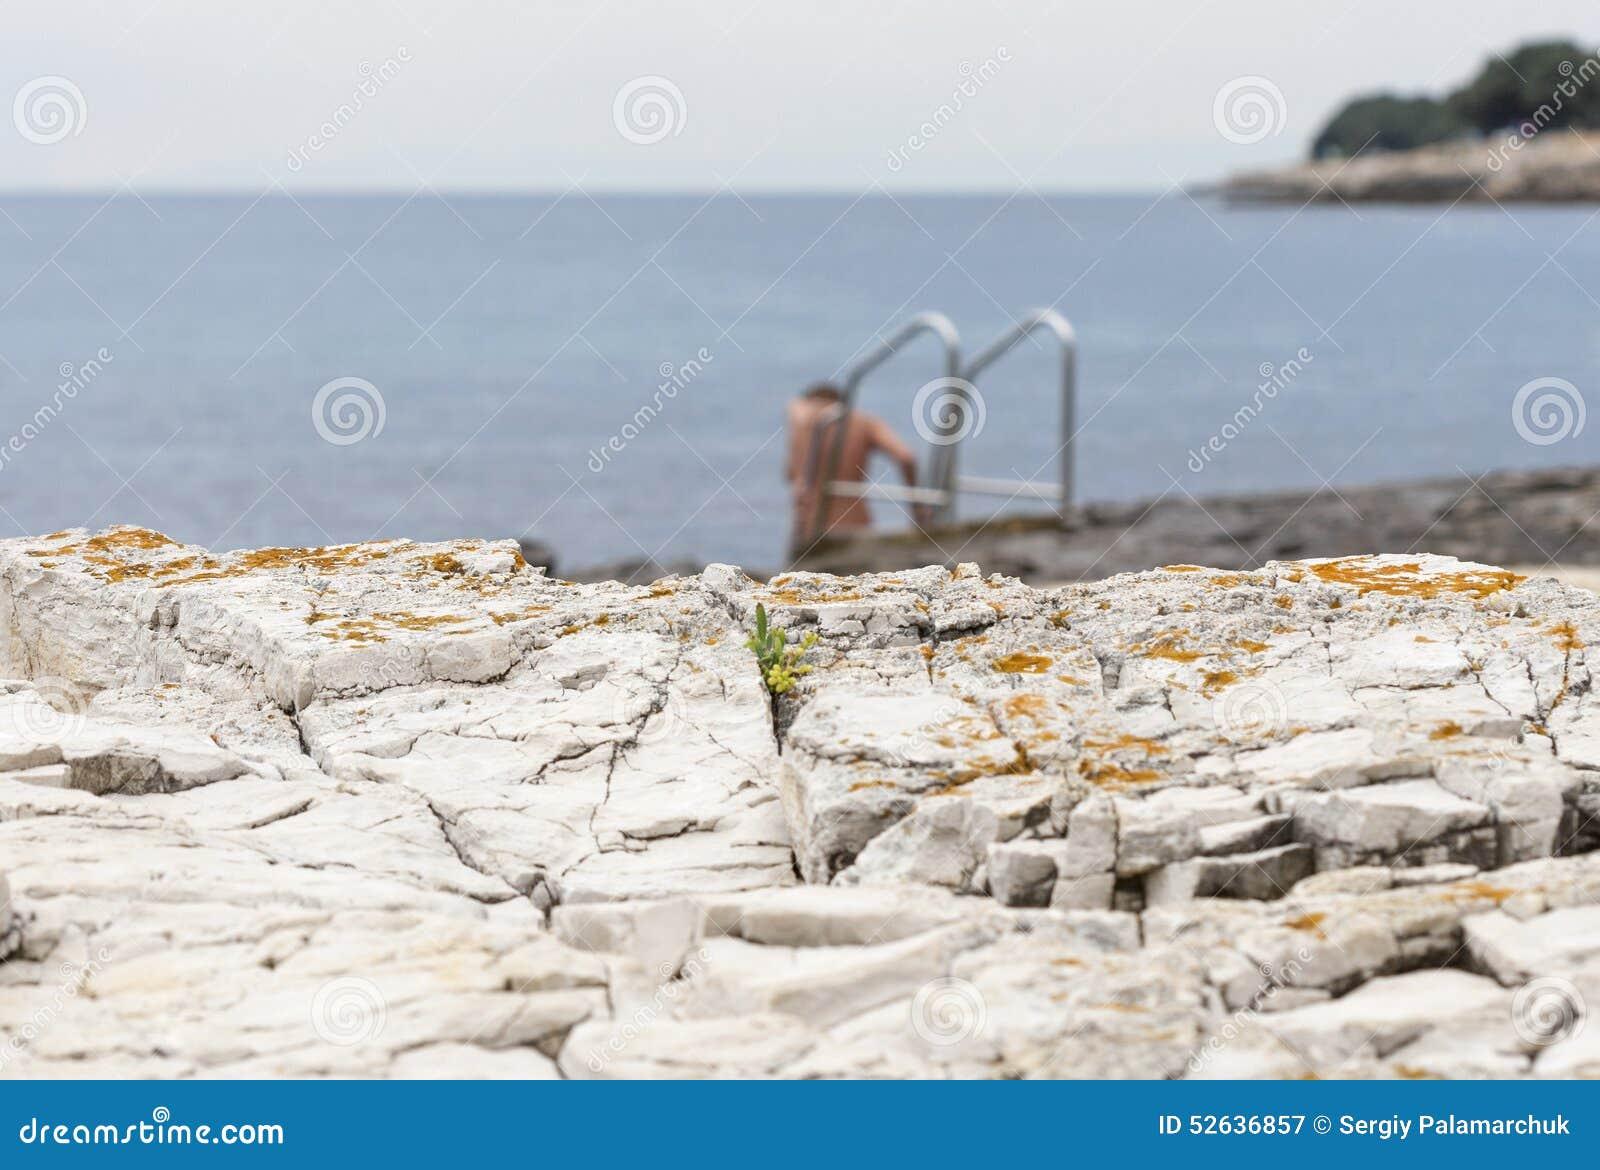 Nackte, Die Im Seefelsigen Strand Mit Leiter Badet Stockbild - Bild von abbildung, strichleiter